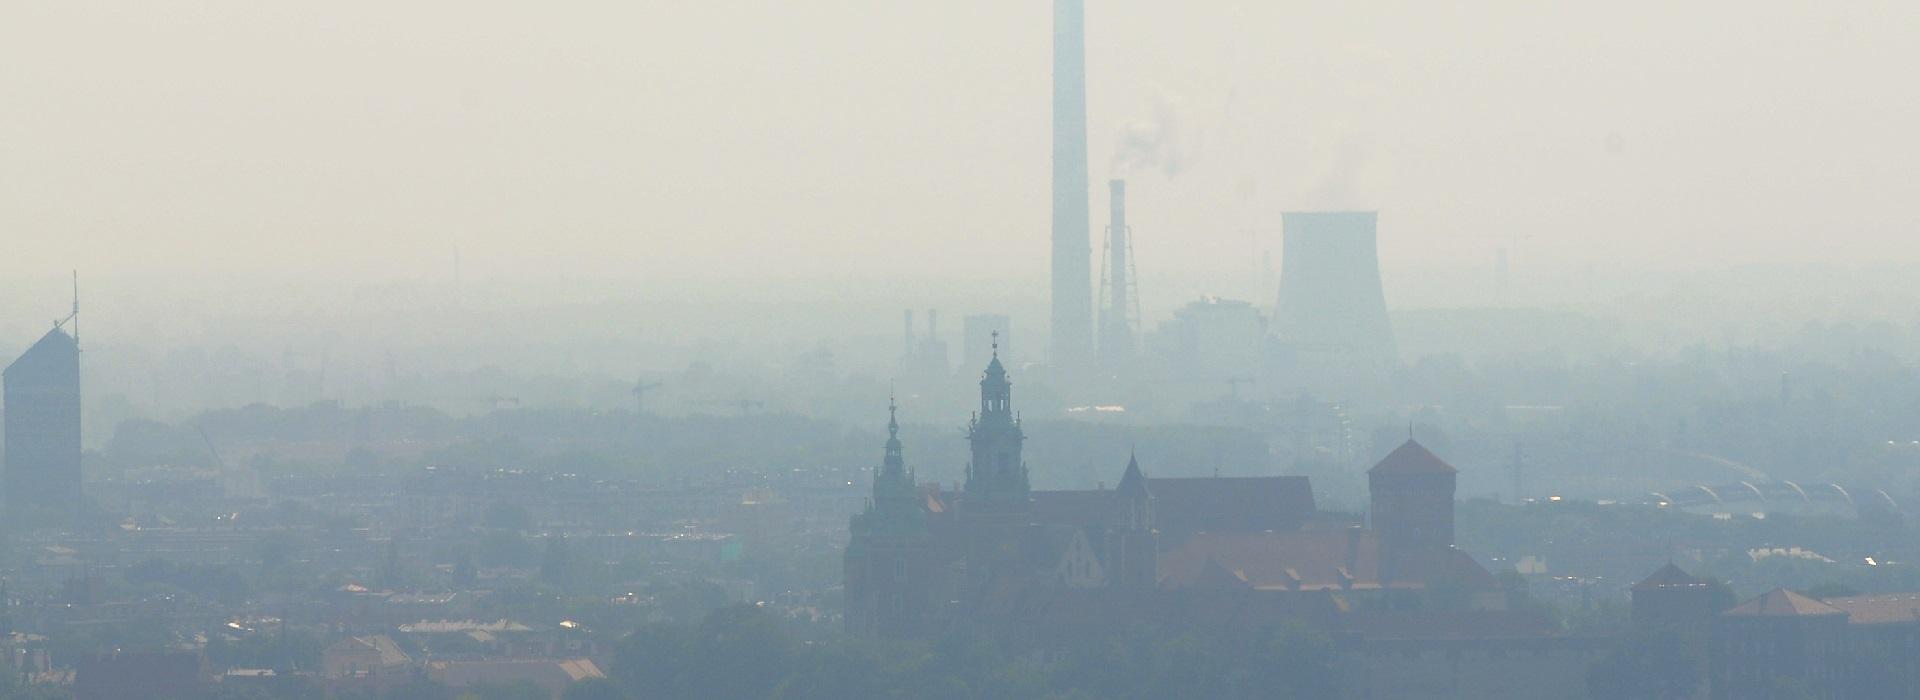 Małopolska zduszona przez smog – sytuacja jest tragiczna